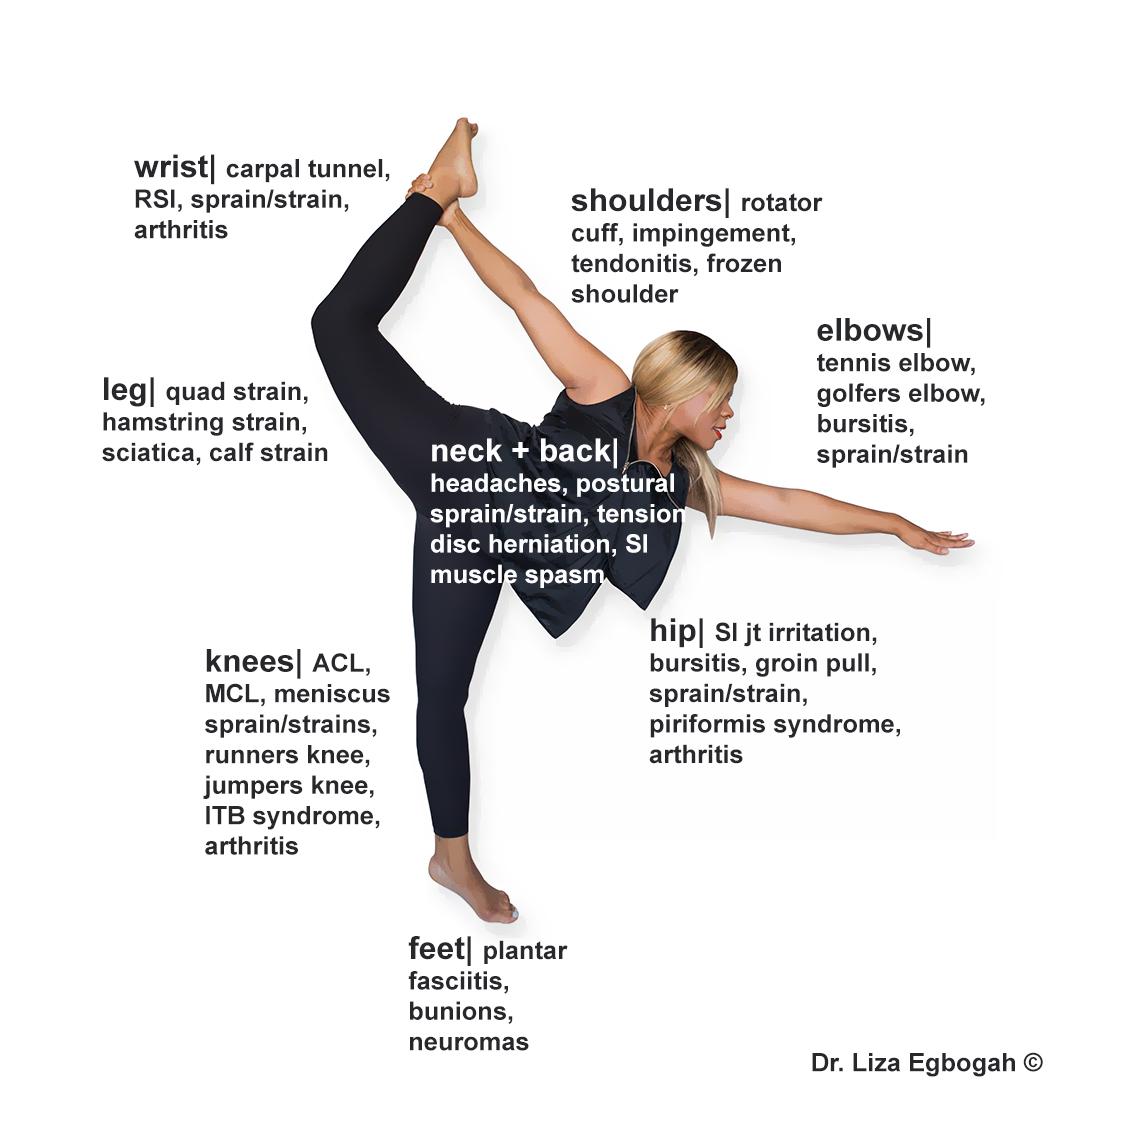 drliza-chiropractor-injuries